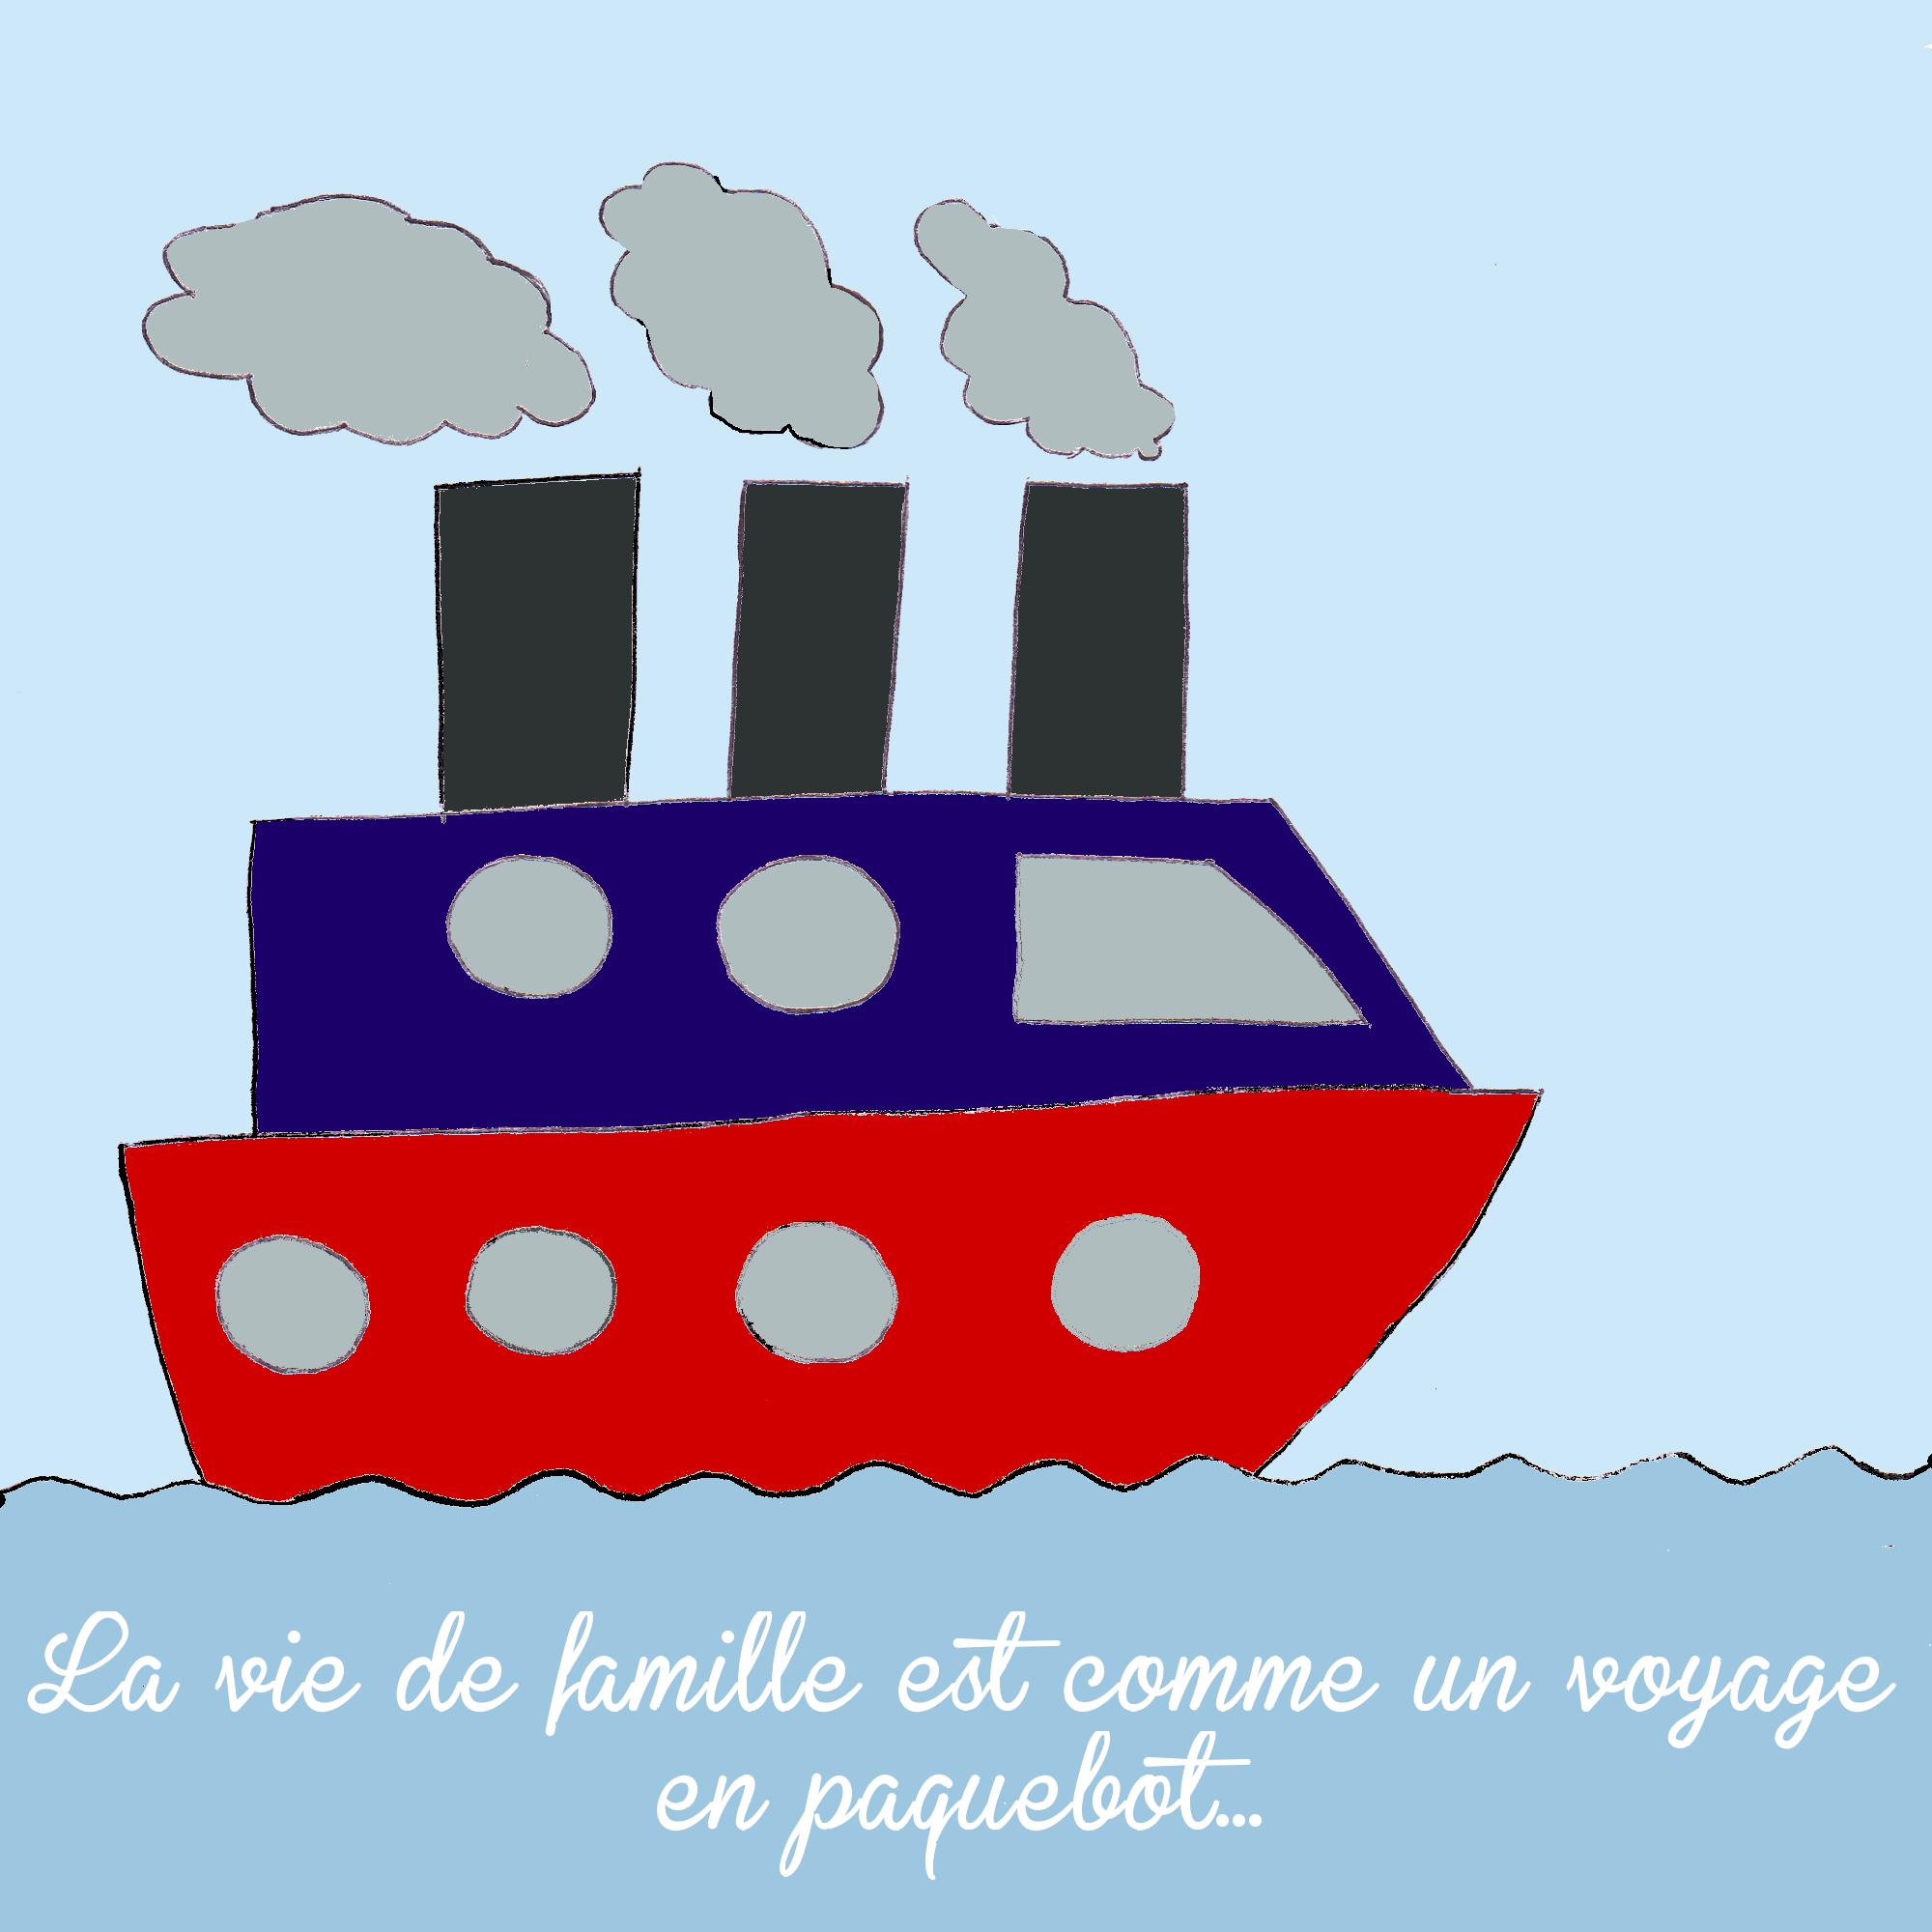 paquebot_1